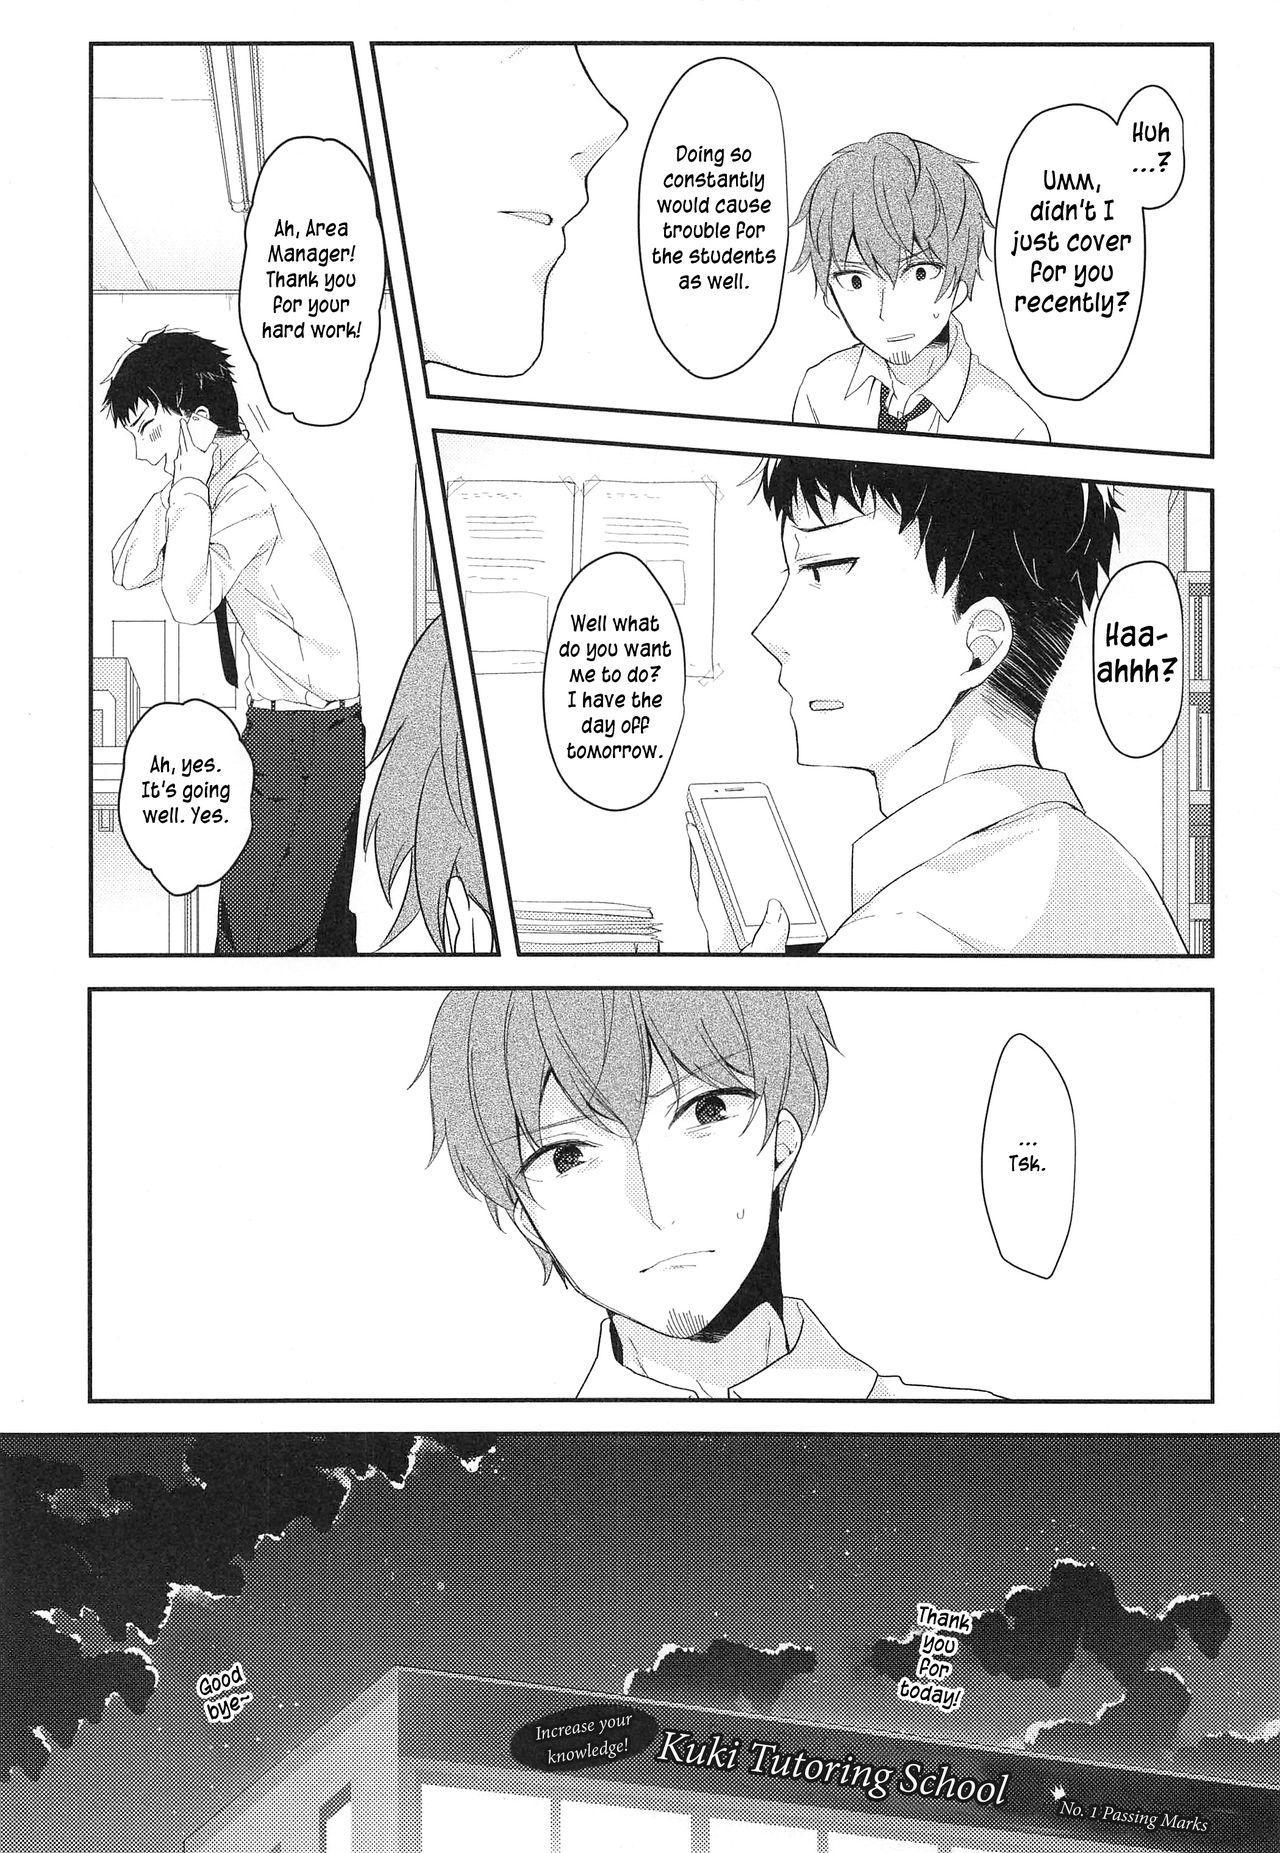 12-sai Sa no Himitsu Renai | A Secret Relationship 12 Years Apart 10